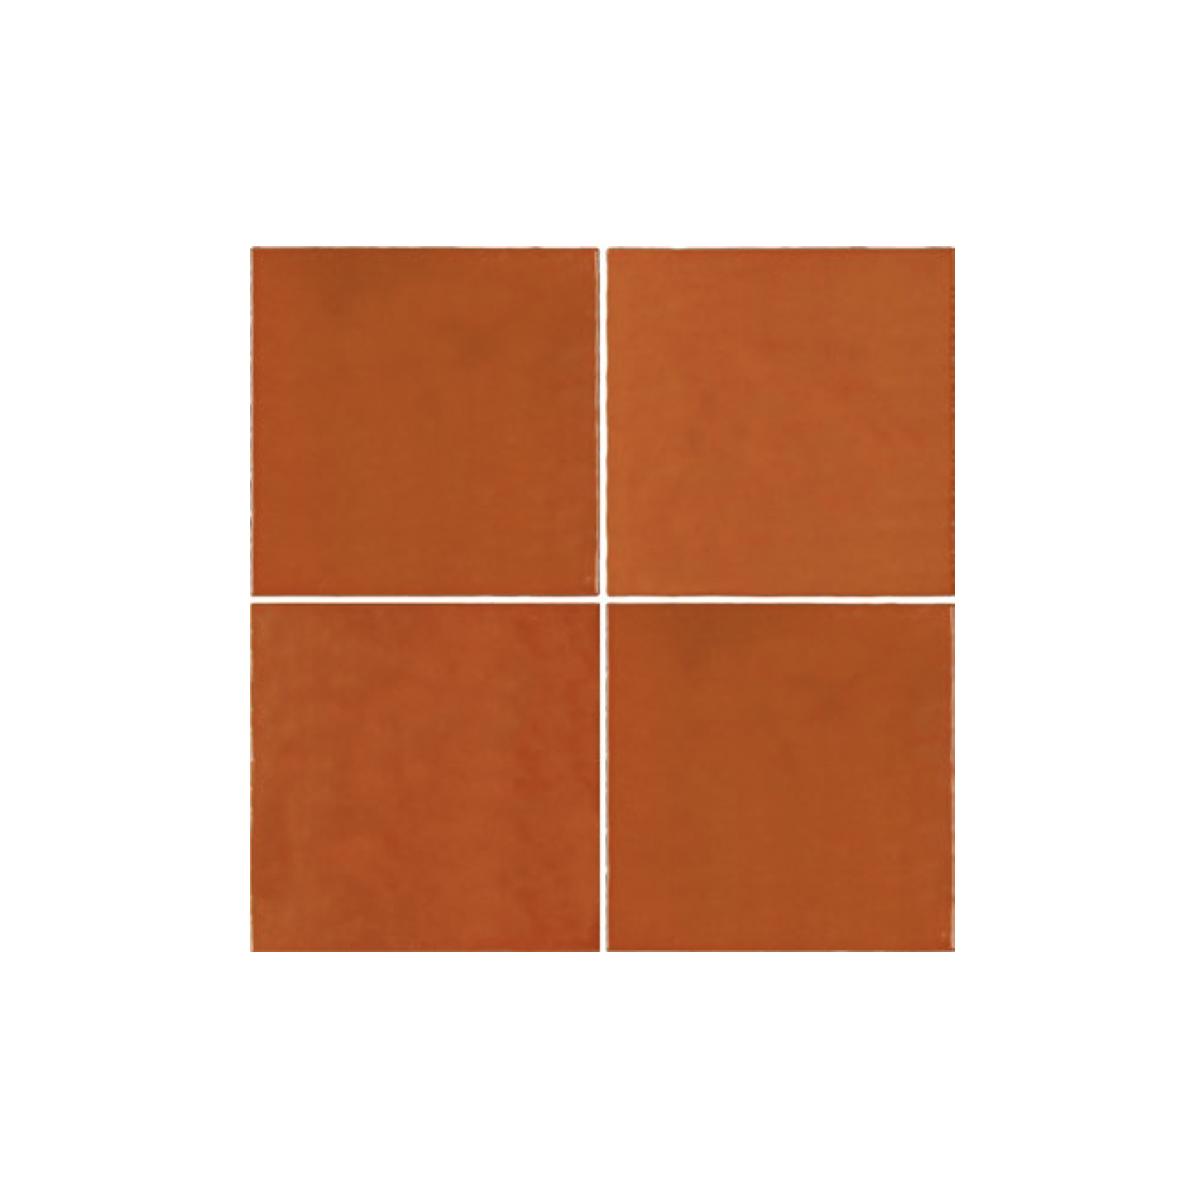 Casablanca - Orange - Square Feature Tiles - 120x120mm